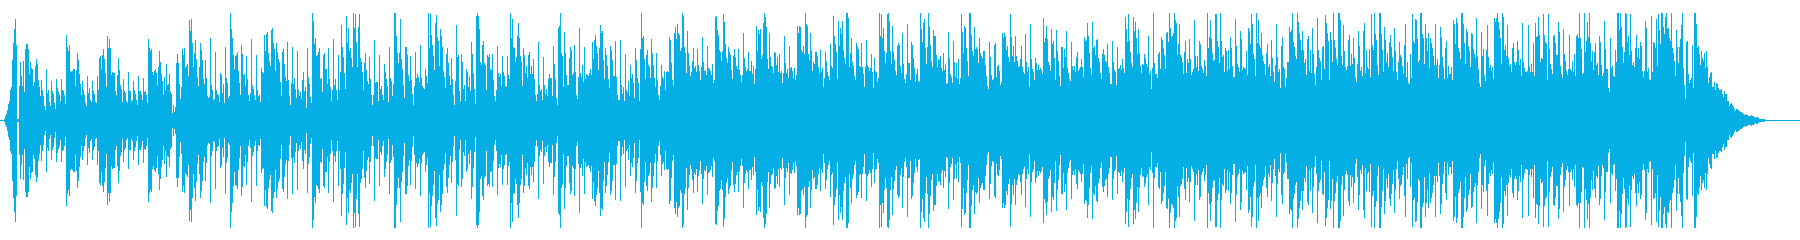 CM・スポーツ等にスピード感ある4つ打ちの再生済みの波形